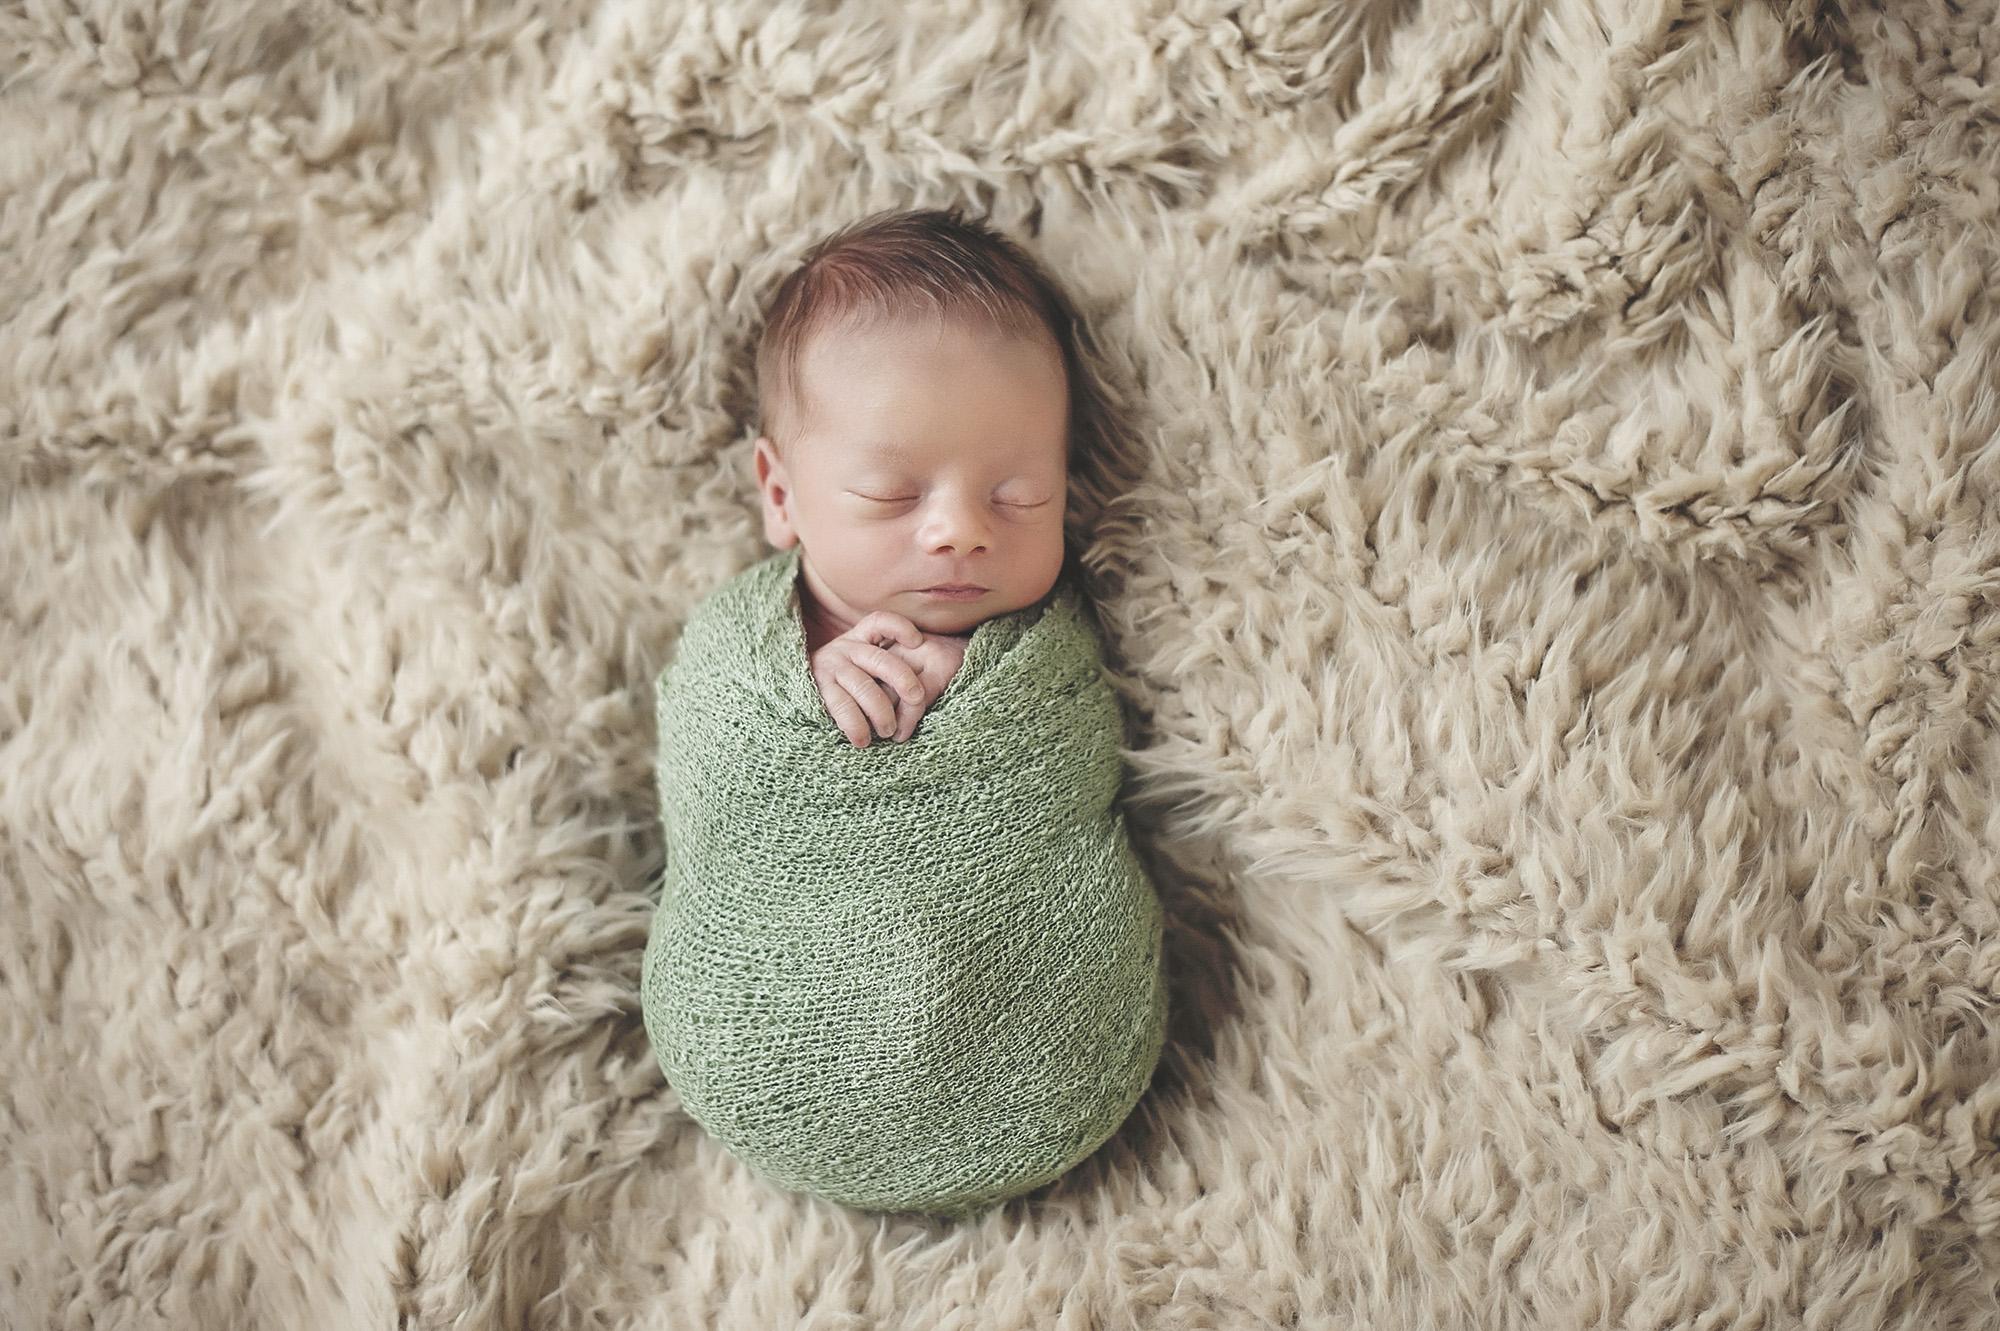 Babyfotos_Mühledorf